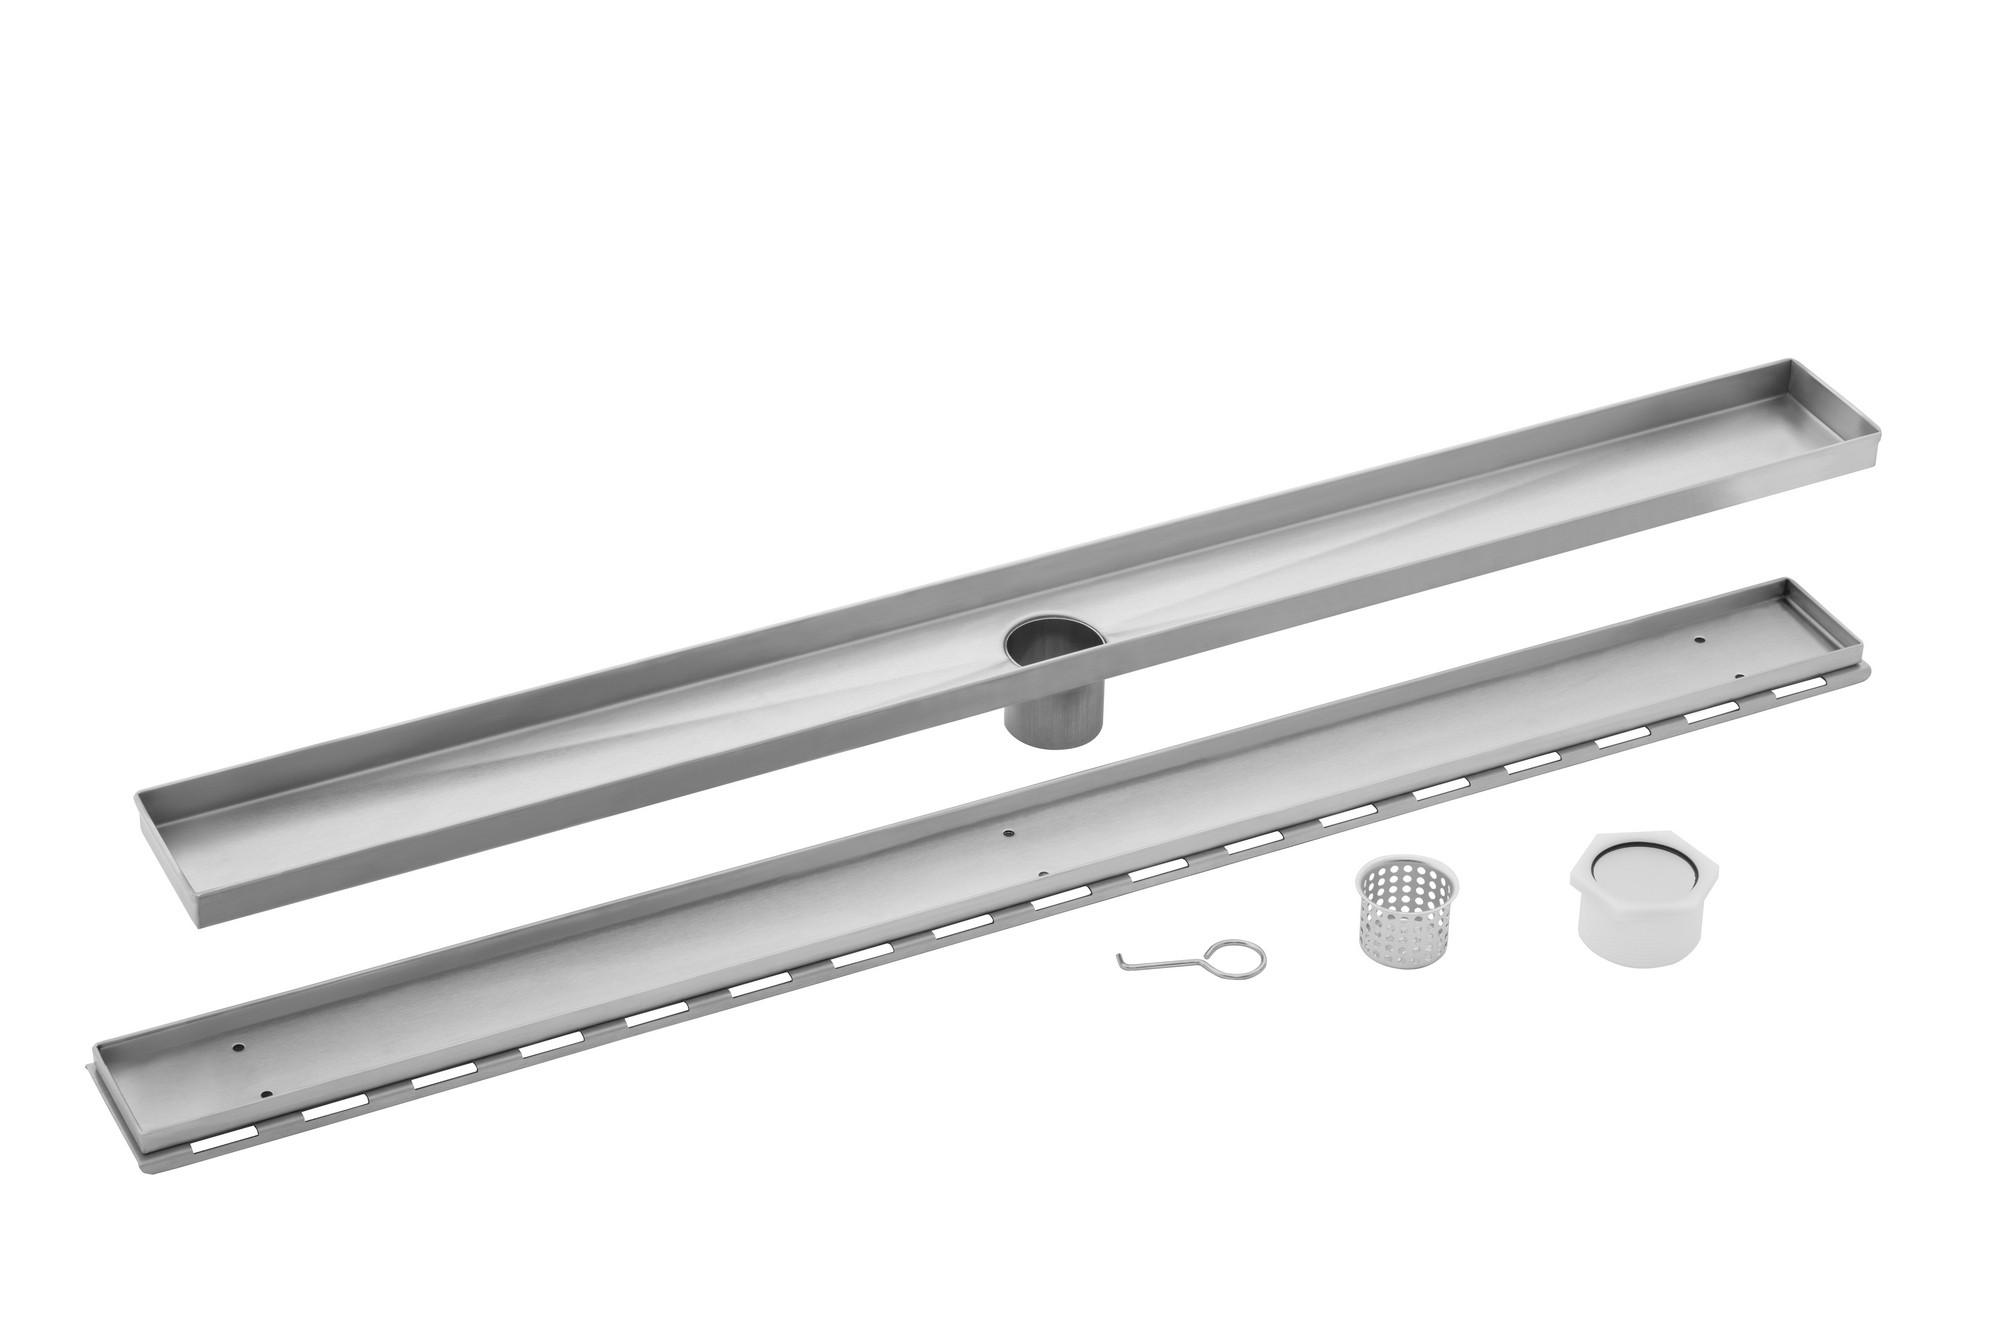 Cahaba CAHTI26 26 Inch Stainless Steel Tile Insert Linear Shower Drain (Shower Drains)